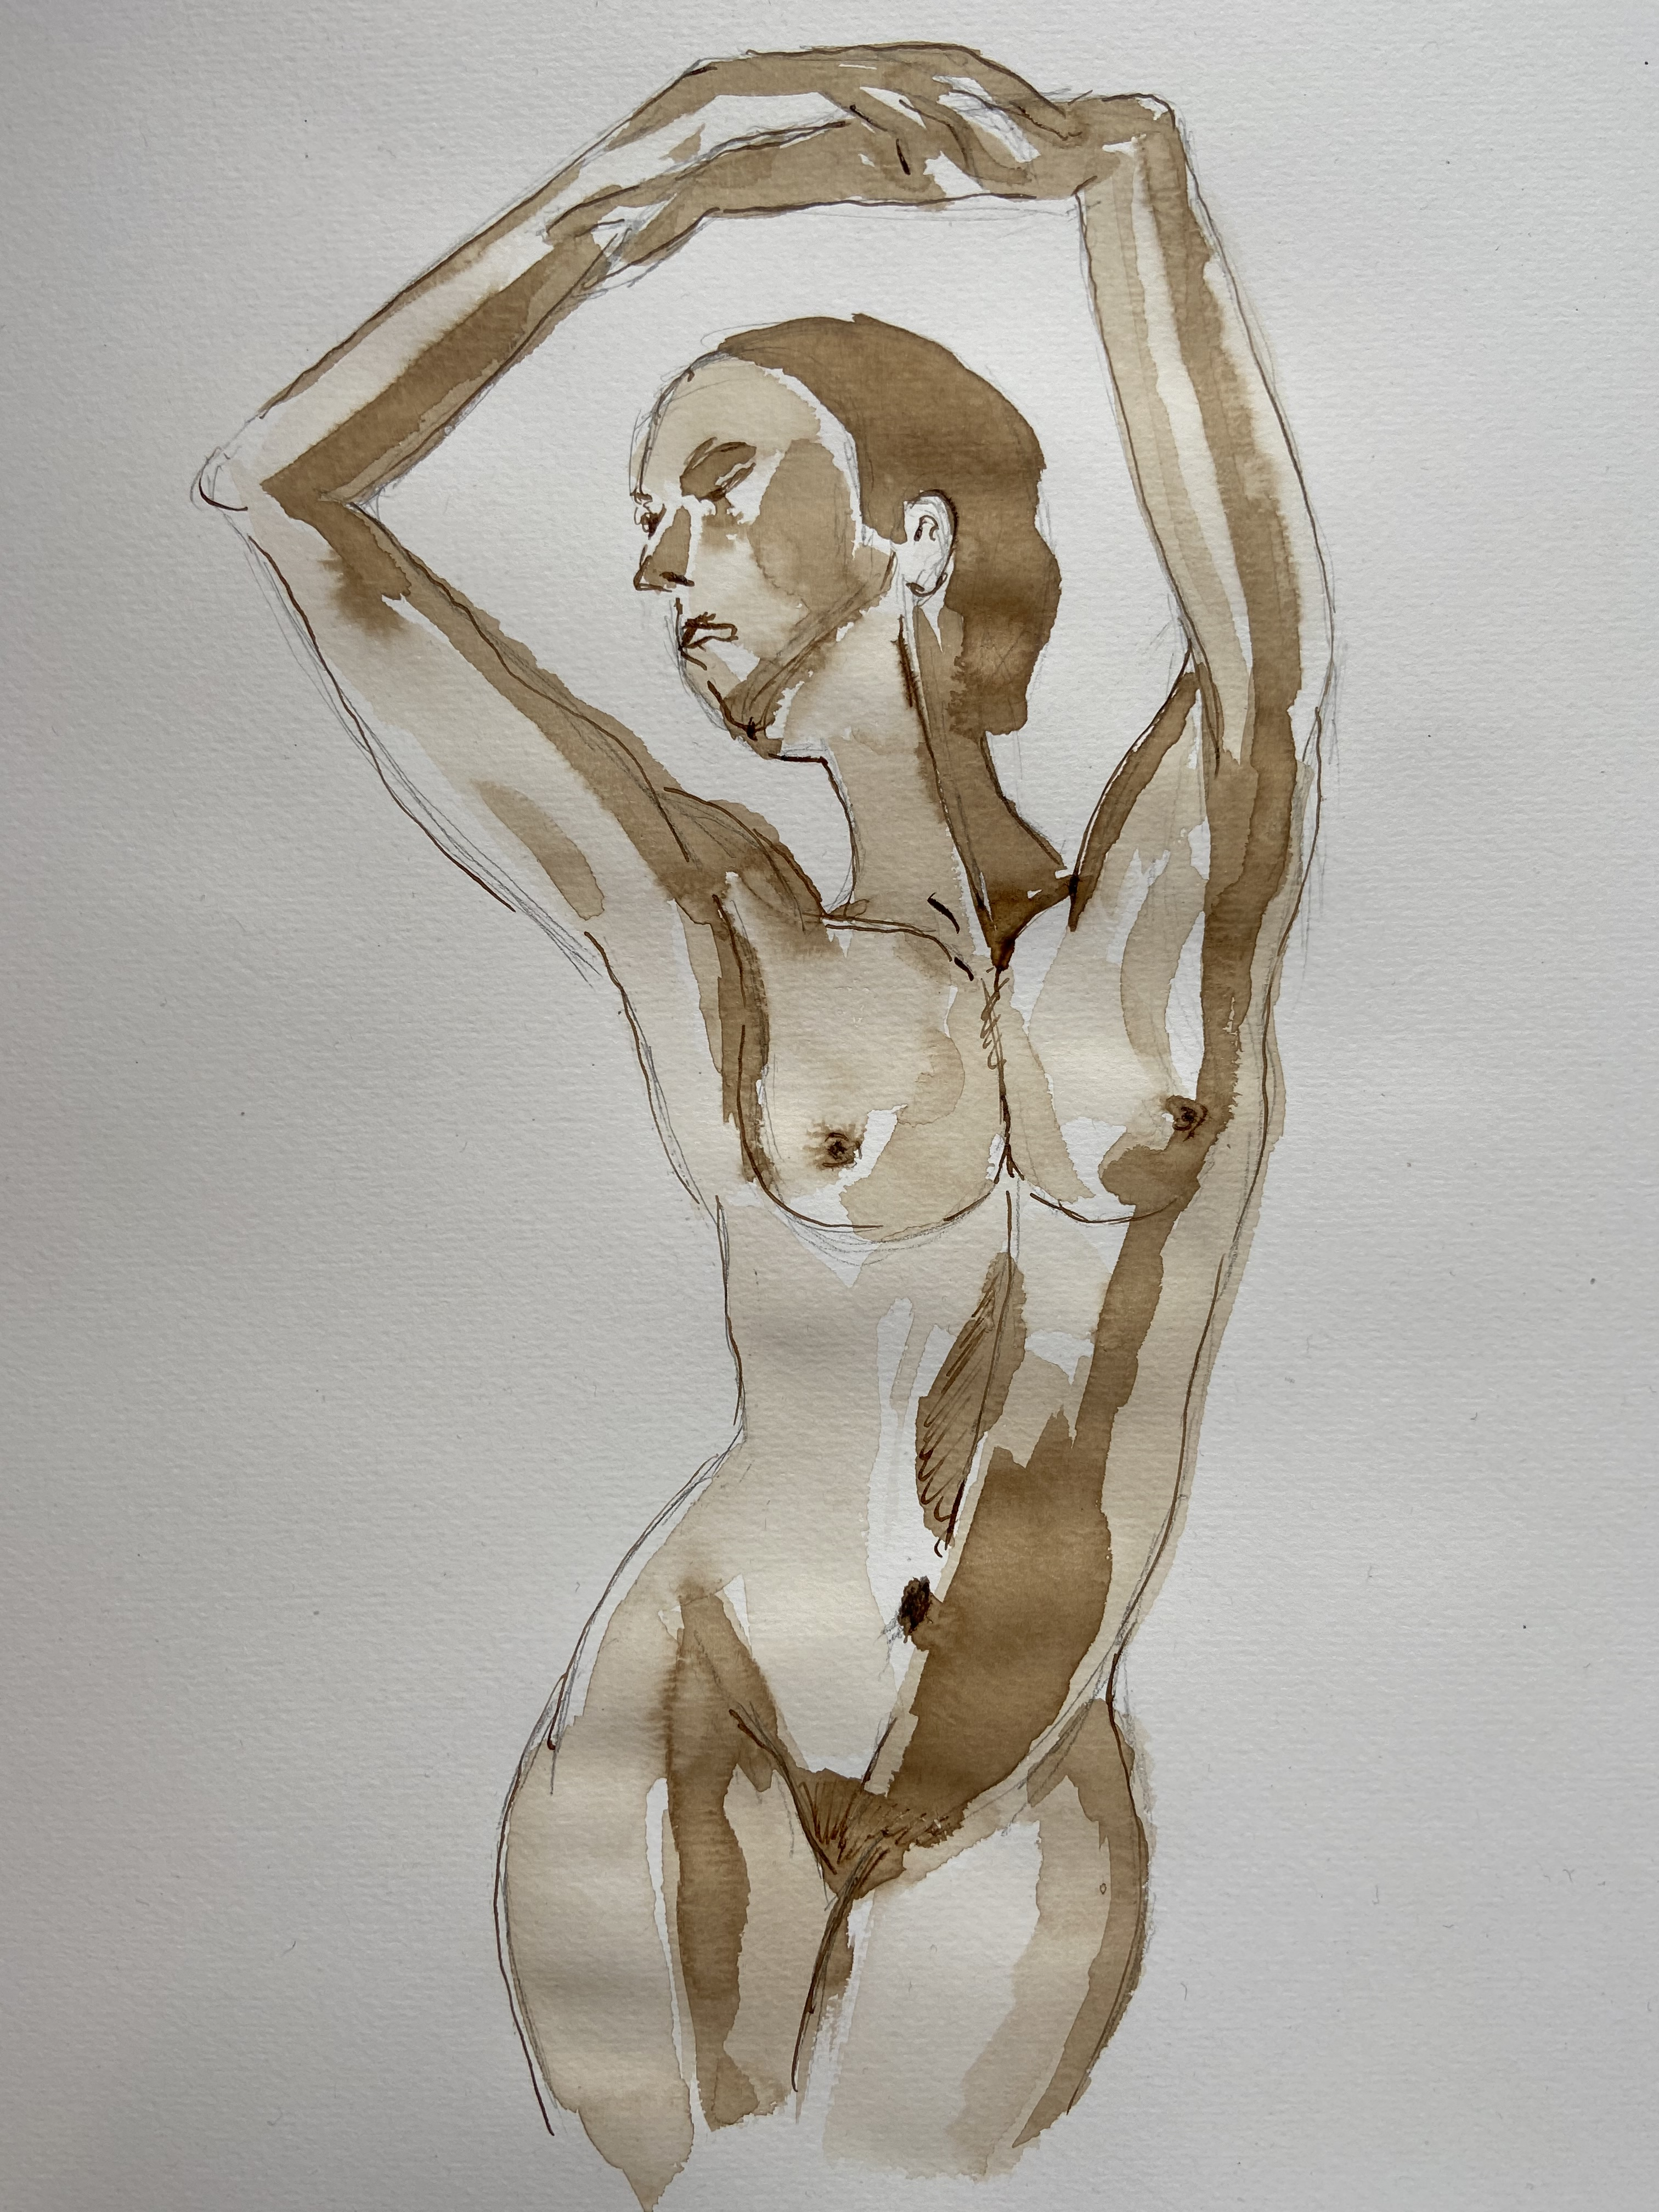 Brou de noix lavi femme danseuse juste sur papier  cours de dessin